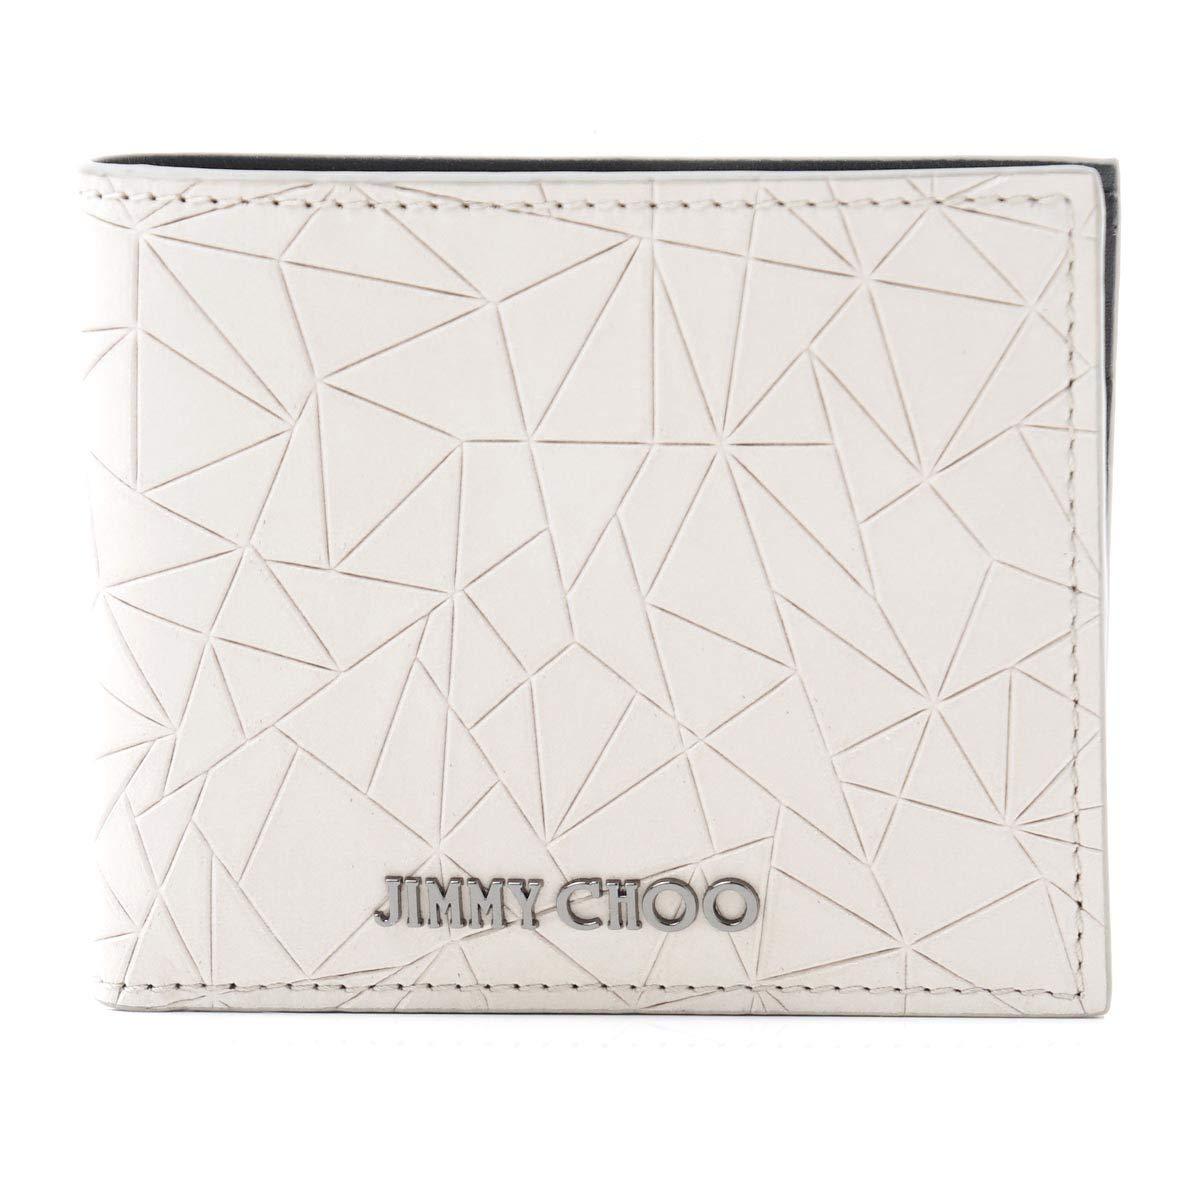 (ジミーチュウ) JIMMY CHOO 2つ折り 財布 MARK BSN 191 マーク [並行輸入品] B07P93JFXV